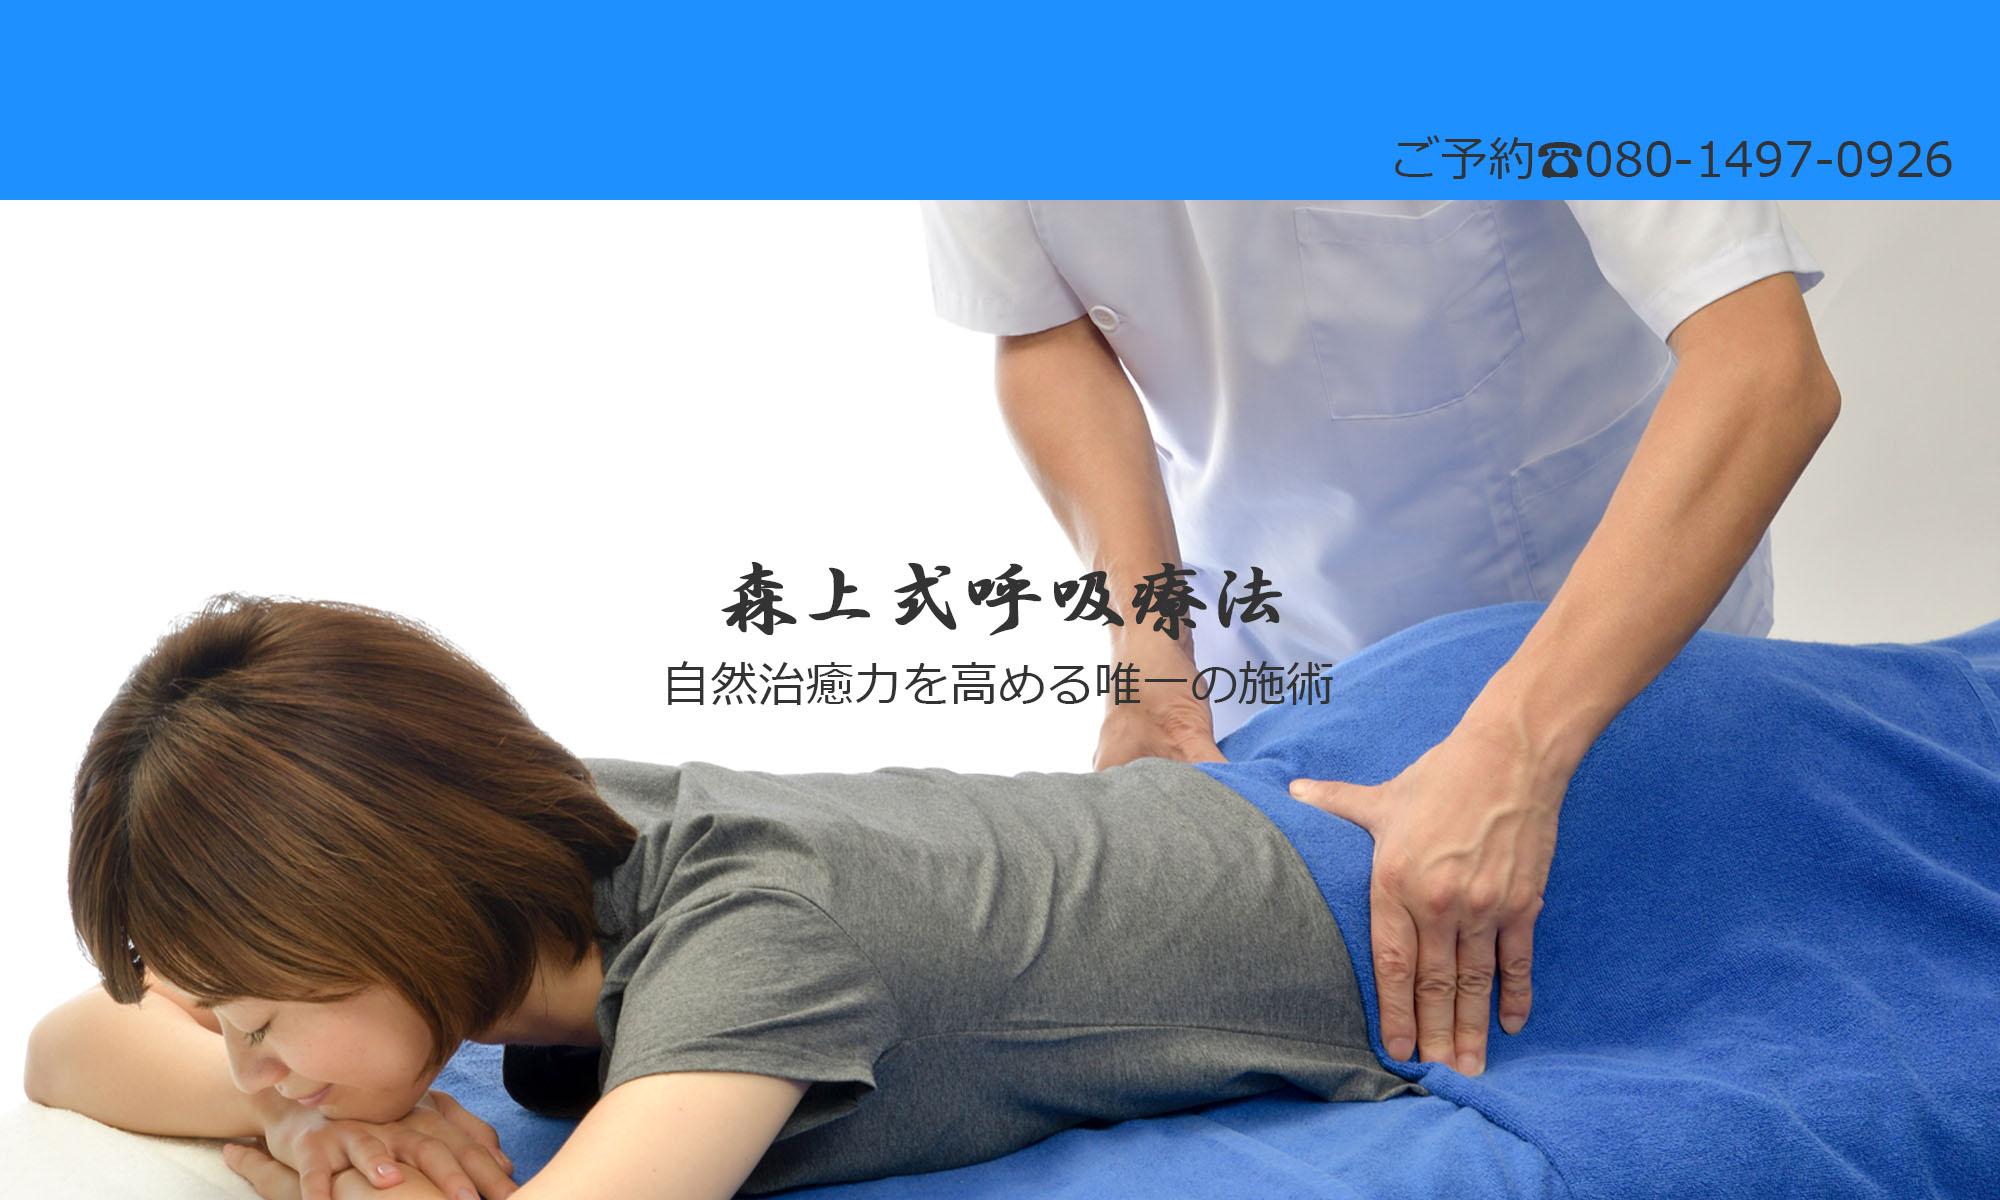 森上式呼吸療法 │ 加古川市の出張整体